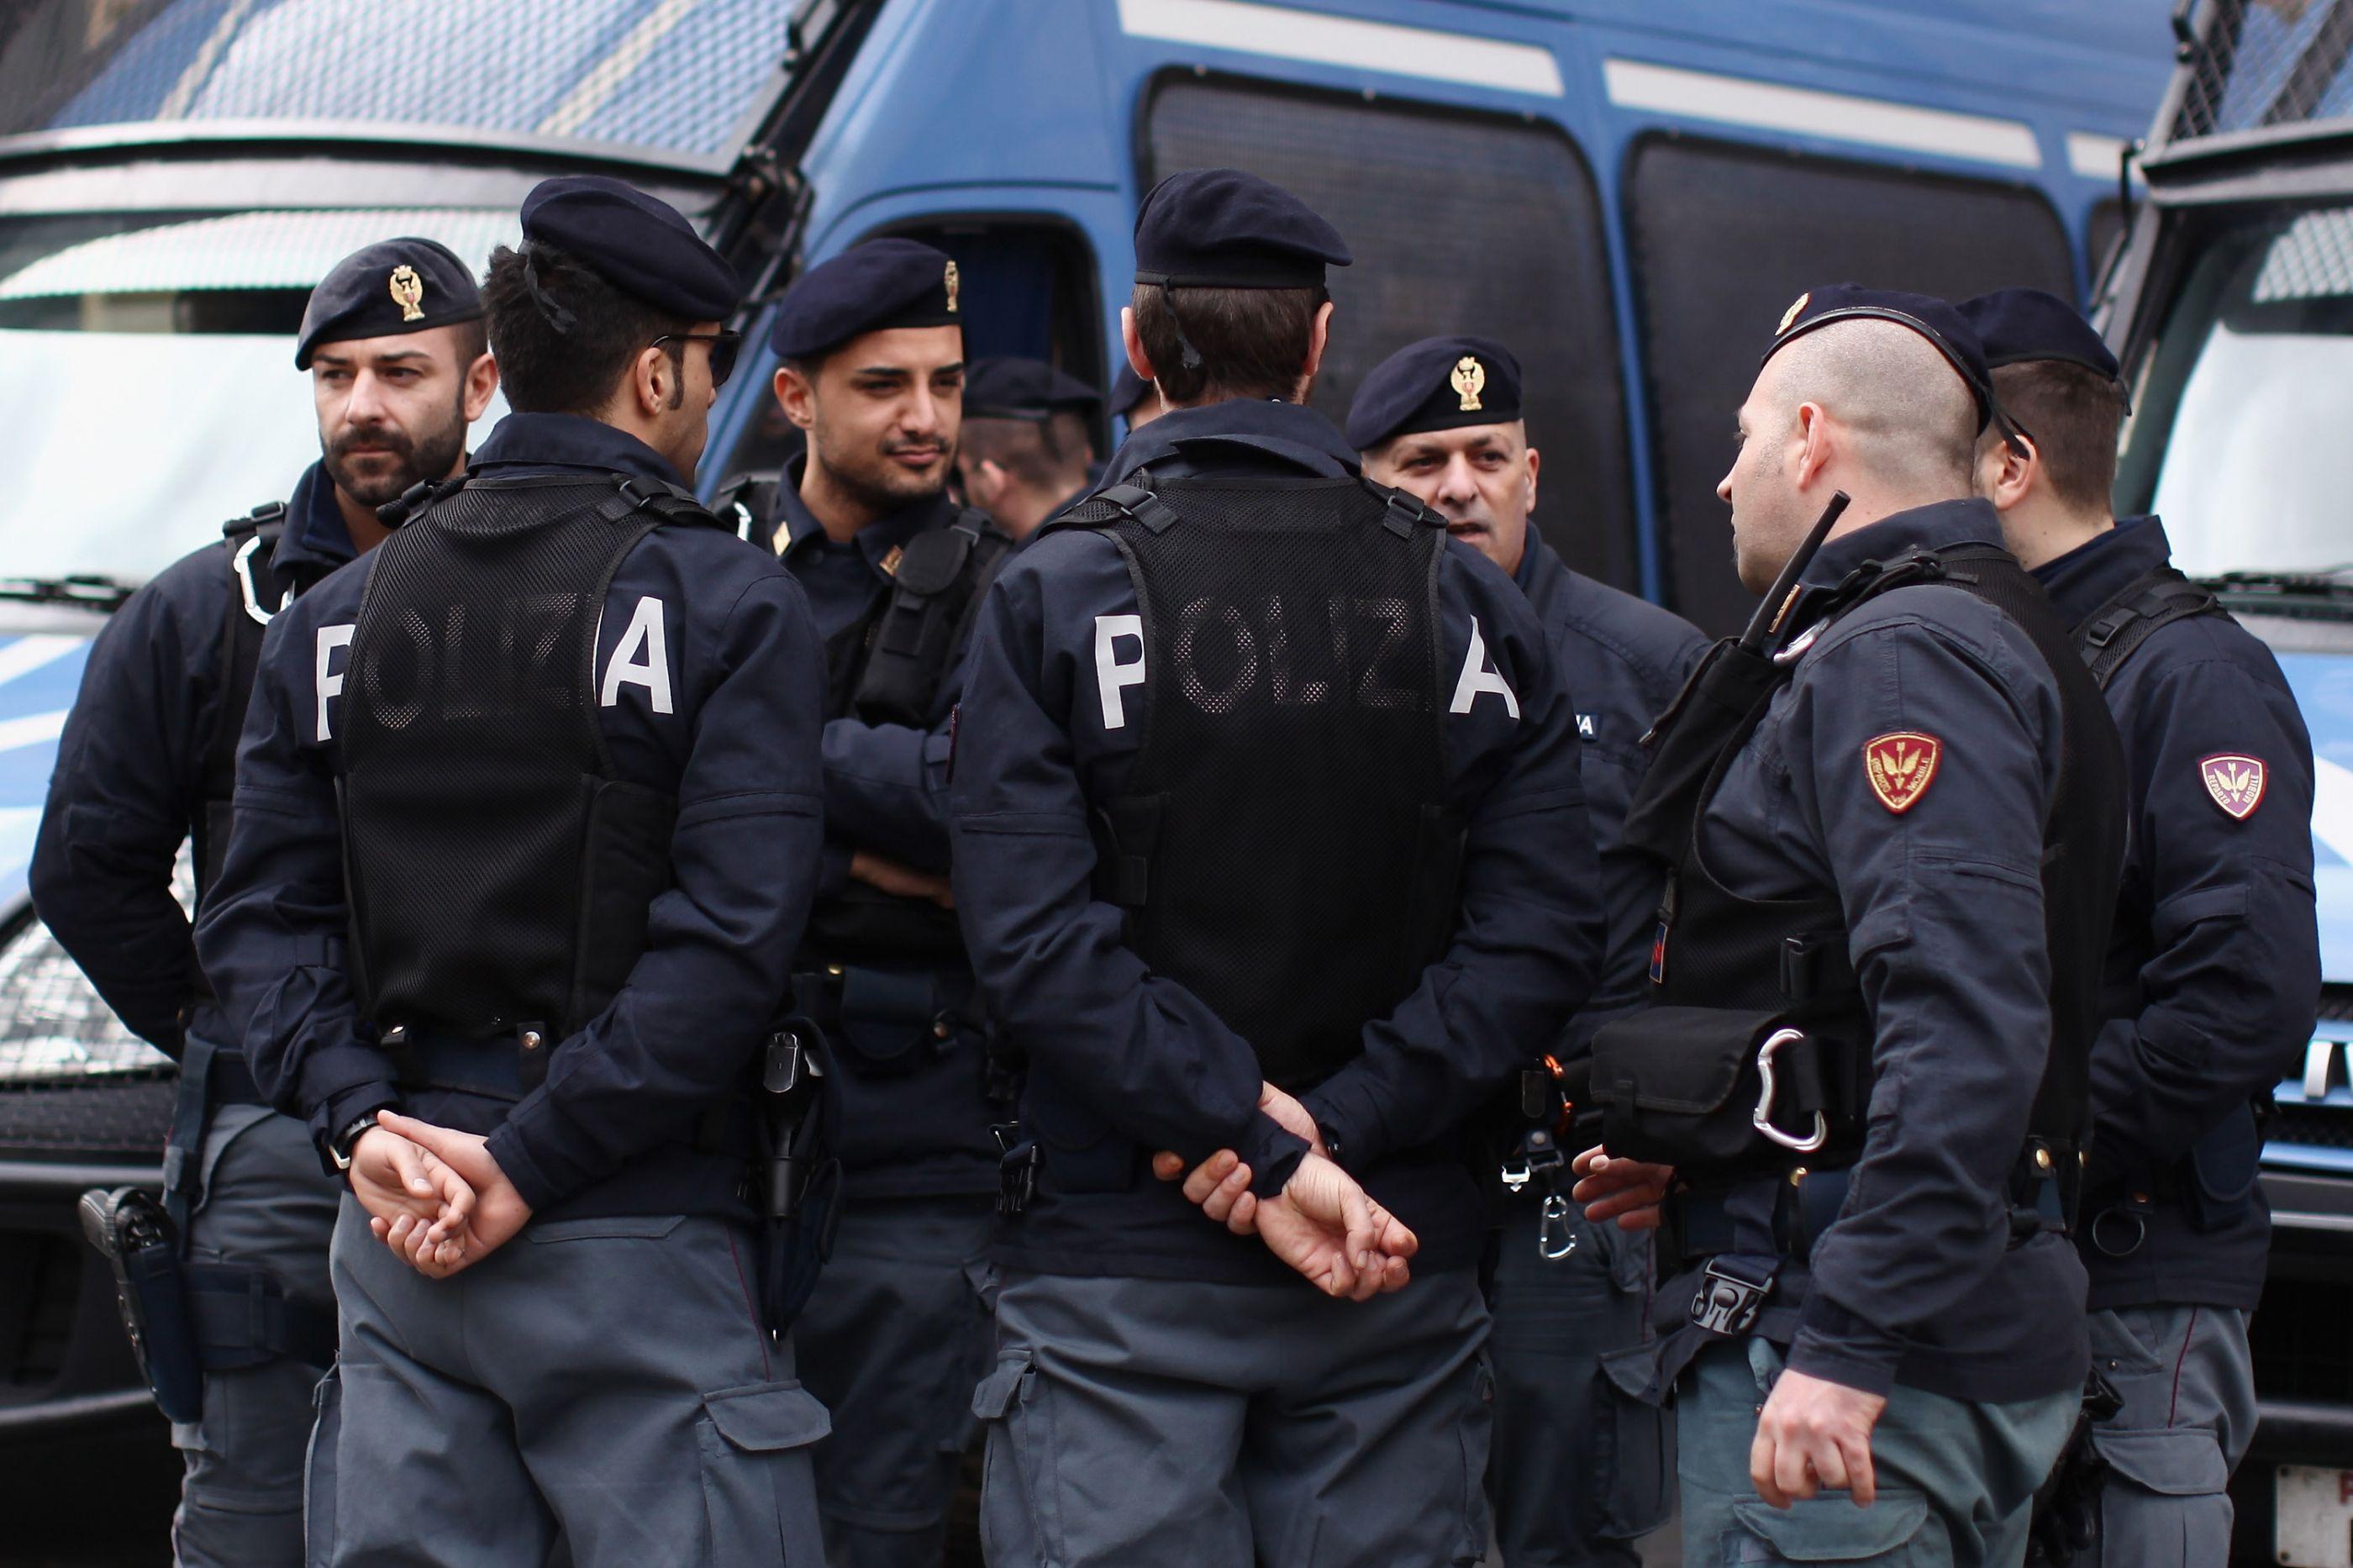 Líder da Camorra foi detido. Antonio Orlando estava em fuga há 15 anos